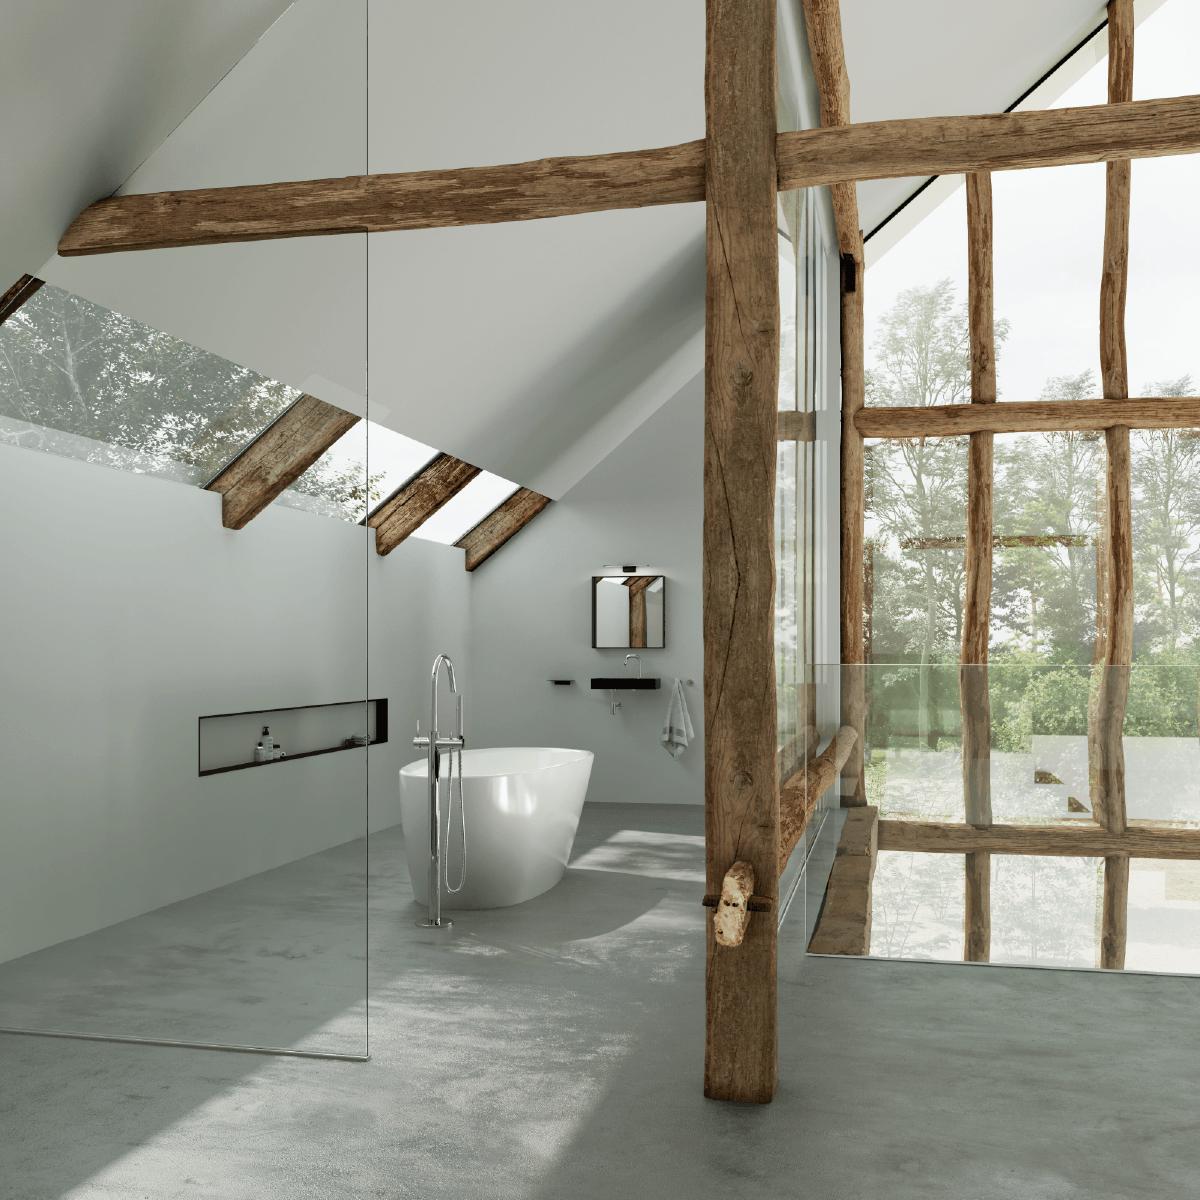 Clou-badkamers-Mijn-Bad-In-Stijl-badkamer-merken-3